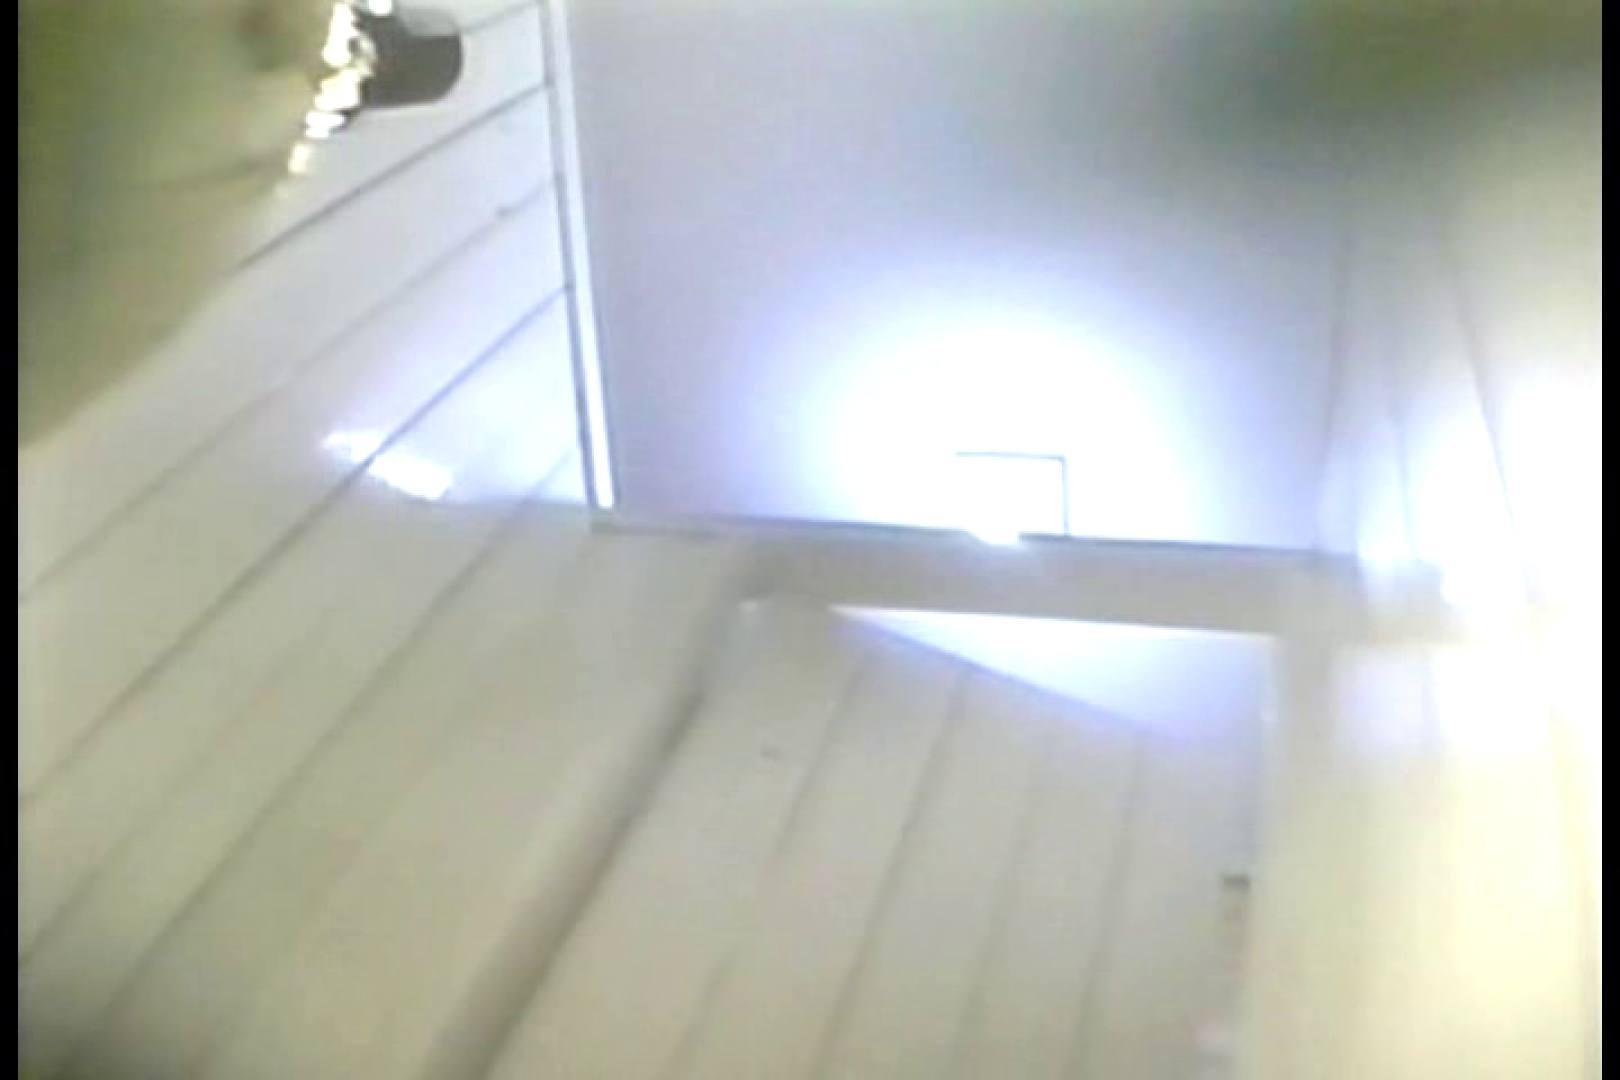 高画質版!SPD-072 PEEPING WC SPY-CAM 総集編SPECIAL 高画質 | 名作映像  113PIX 97